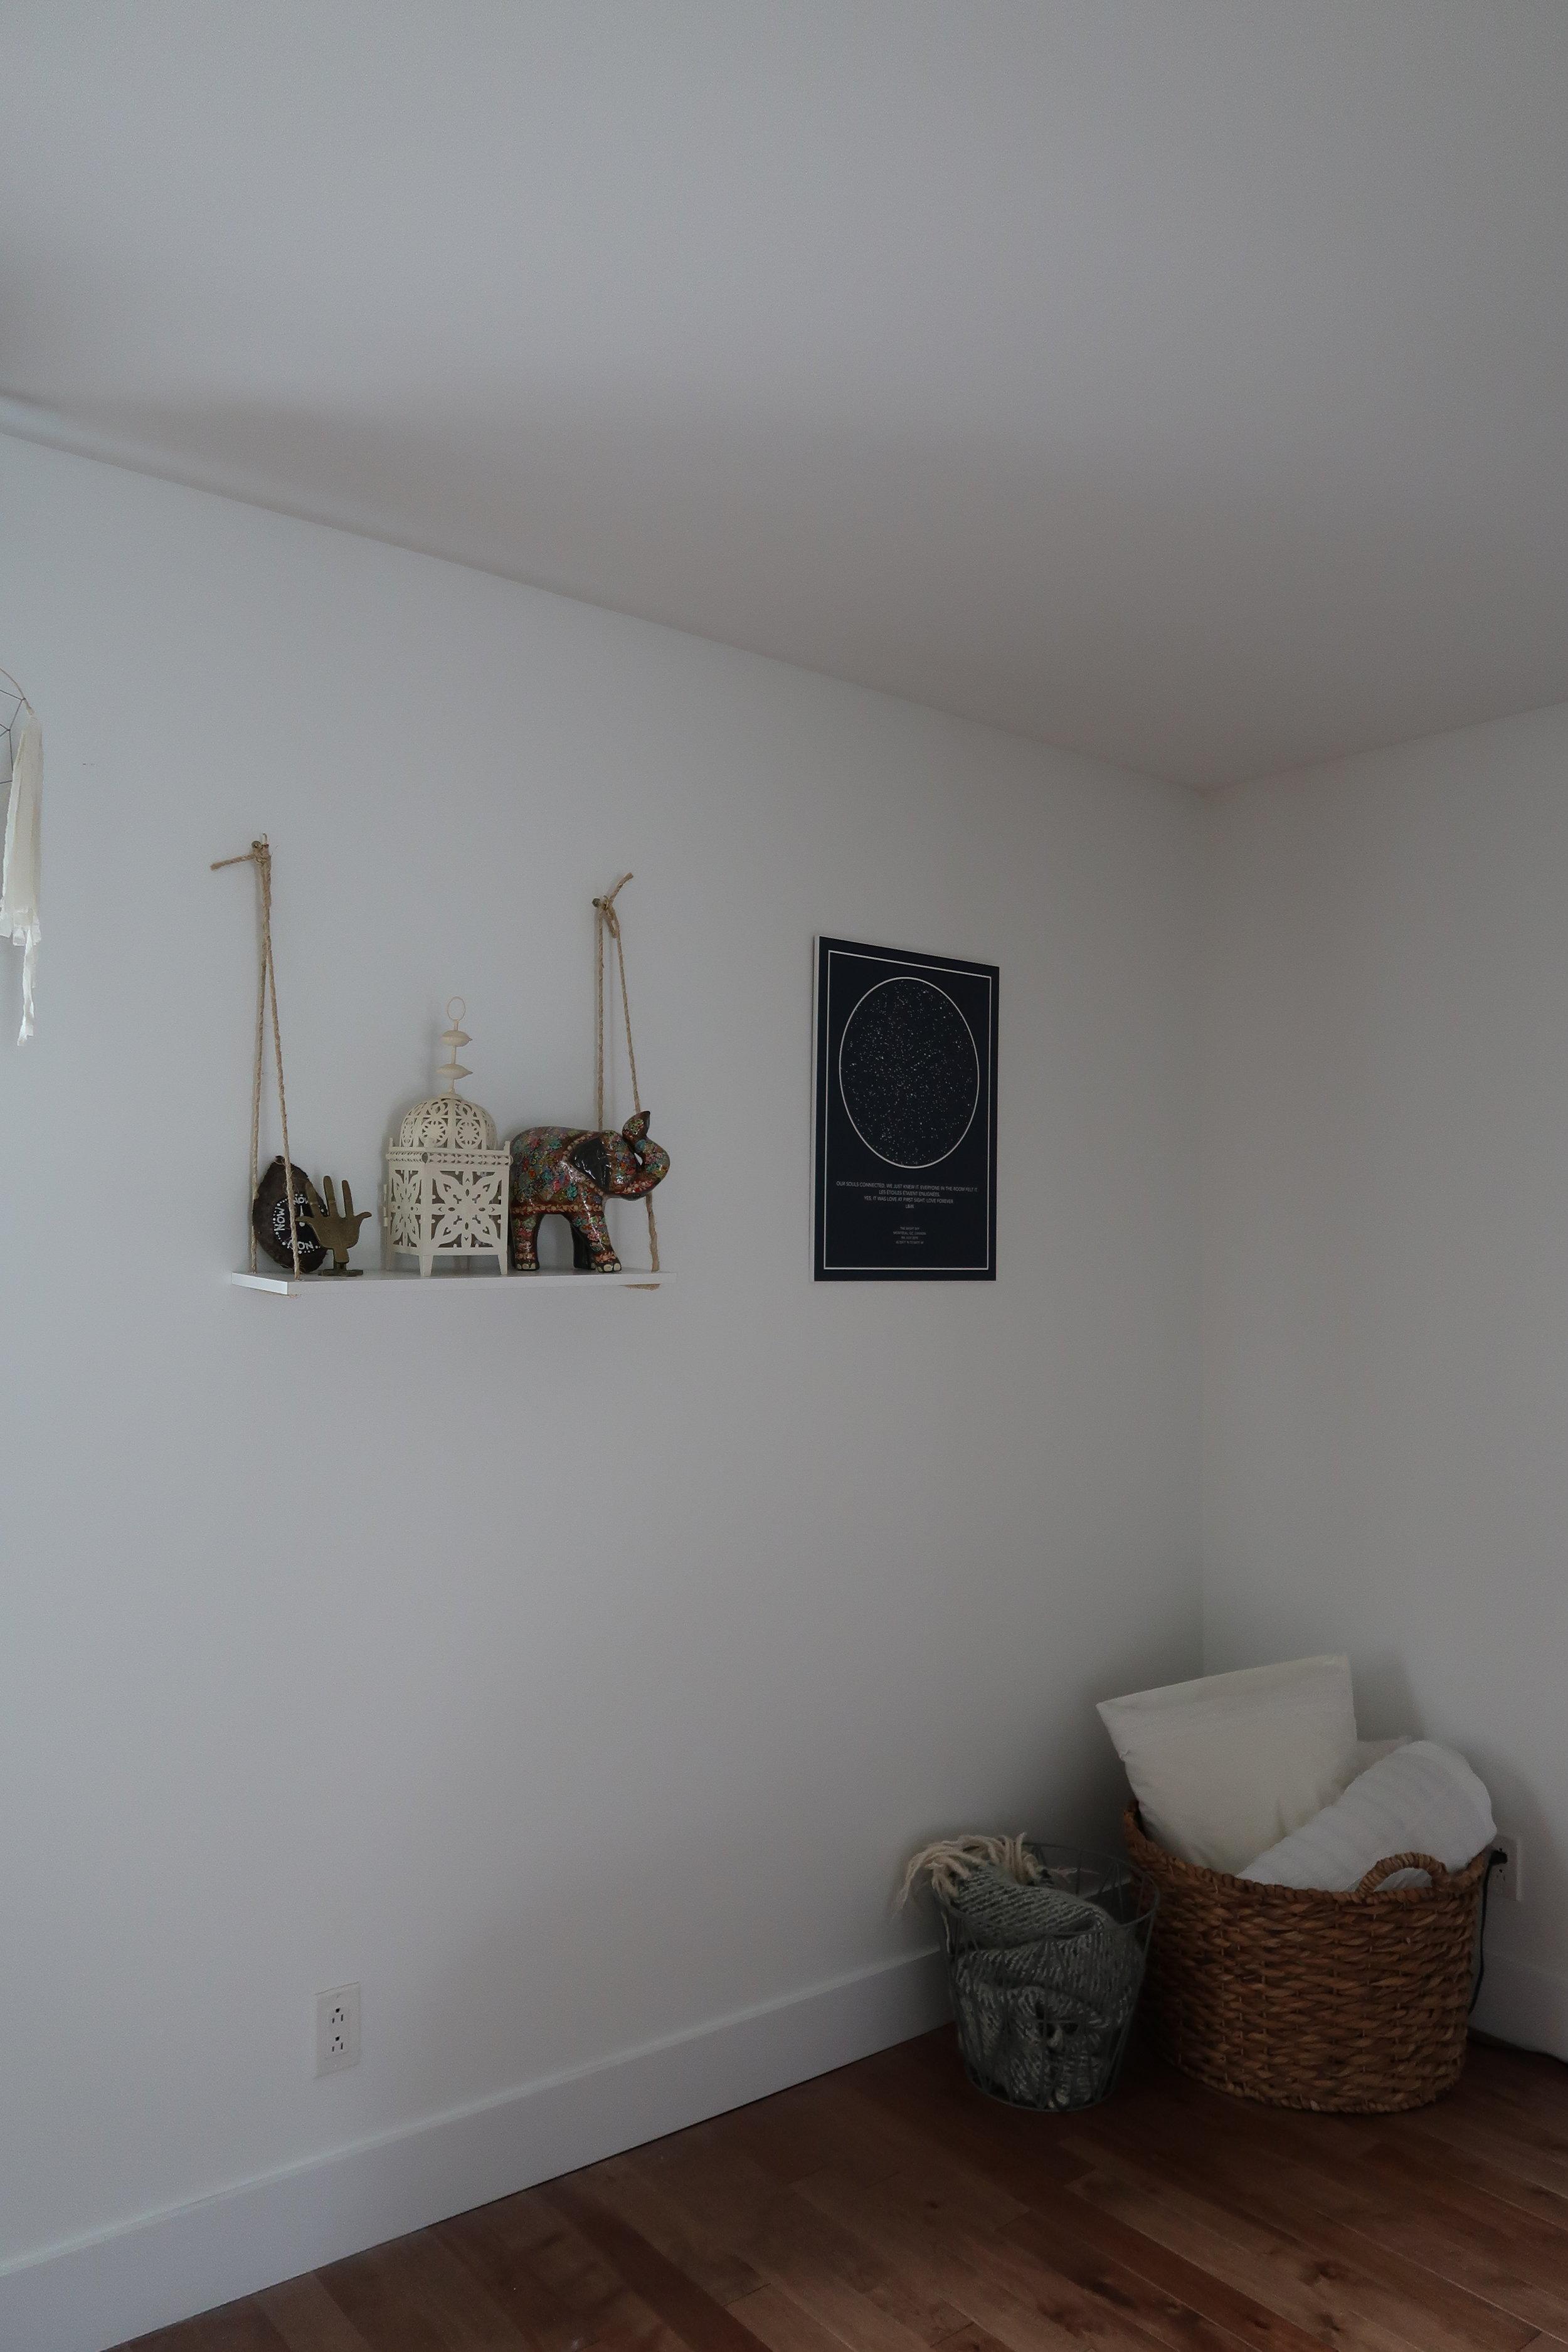 tablette, chambre, décoration chambre, home decor, bedroom decor. décoration chambre, diy bedroom, do it yourself, tablette accrochée, tablette suspendue